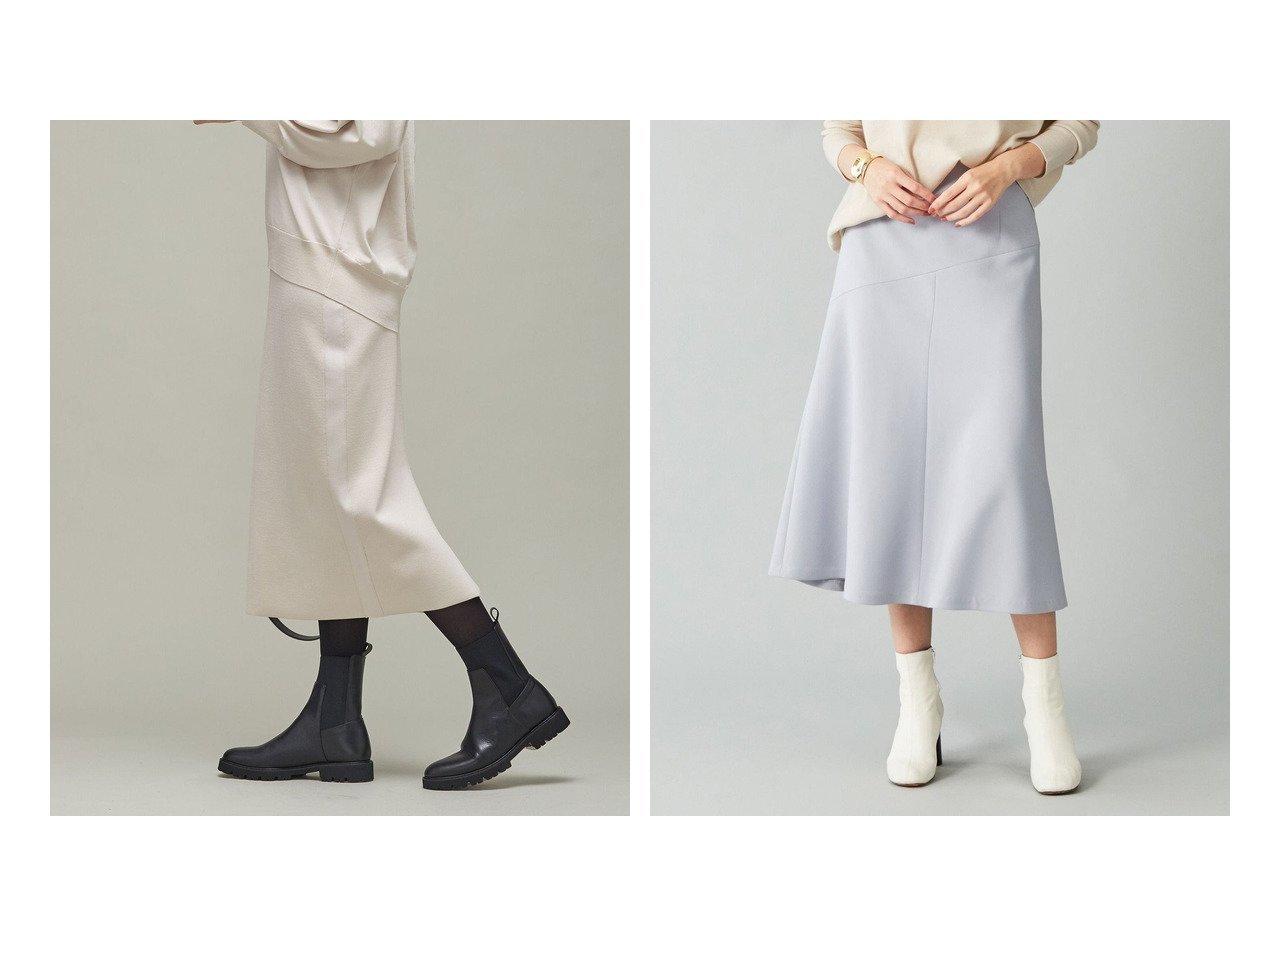 【iCB/アイシービー】のSyntheticYarnスムース ニットスカート&【BEIGE,/ベイジ,】のマーメードスカート 【スカート】おすすめ!人気、トレンド・レディースファッションの通販 おすすめで人気の流行・トレンド、ファッションの通販商品 インテリア・家具・メンズファッション・キッズファッション・レディースファッション・服の通販 founy(ファニー) https://founy.com/ ファッション Fashion レディースファッション WOMEN スカート Skirt エレガント コンパクト シンプル ストレッチ ダウン パーカー フォルム フレア マーメイド ミモレ ヨーク A/W・秋冬 AW・Autumn/Winter・FW・Fall-Winter 2021年 2021 2021-2022秋冬・A/W AW・Autumn/Winter・FW・Fall-Winter・2021-2022 送料無料 Free Shipping 軽量 ジャケット セットアップ おすすめ Recommend |ID:crp329100000070213